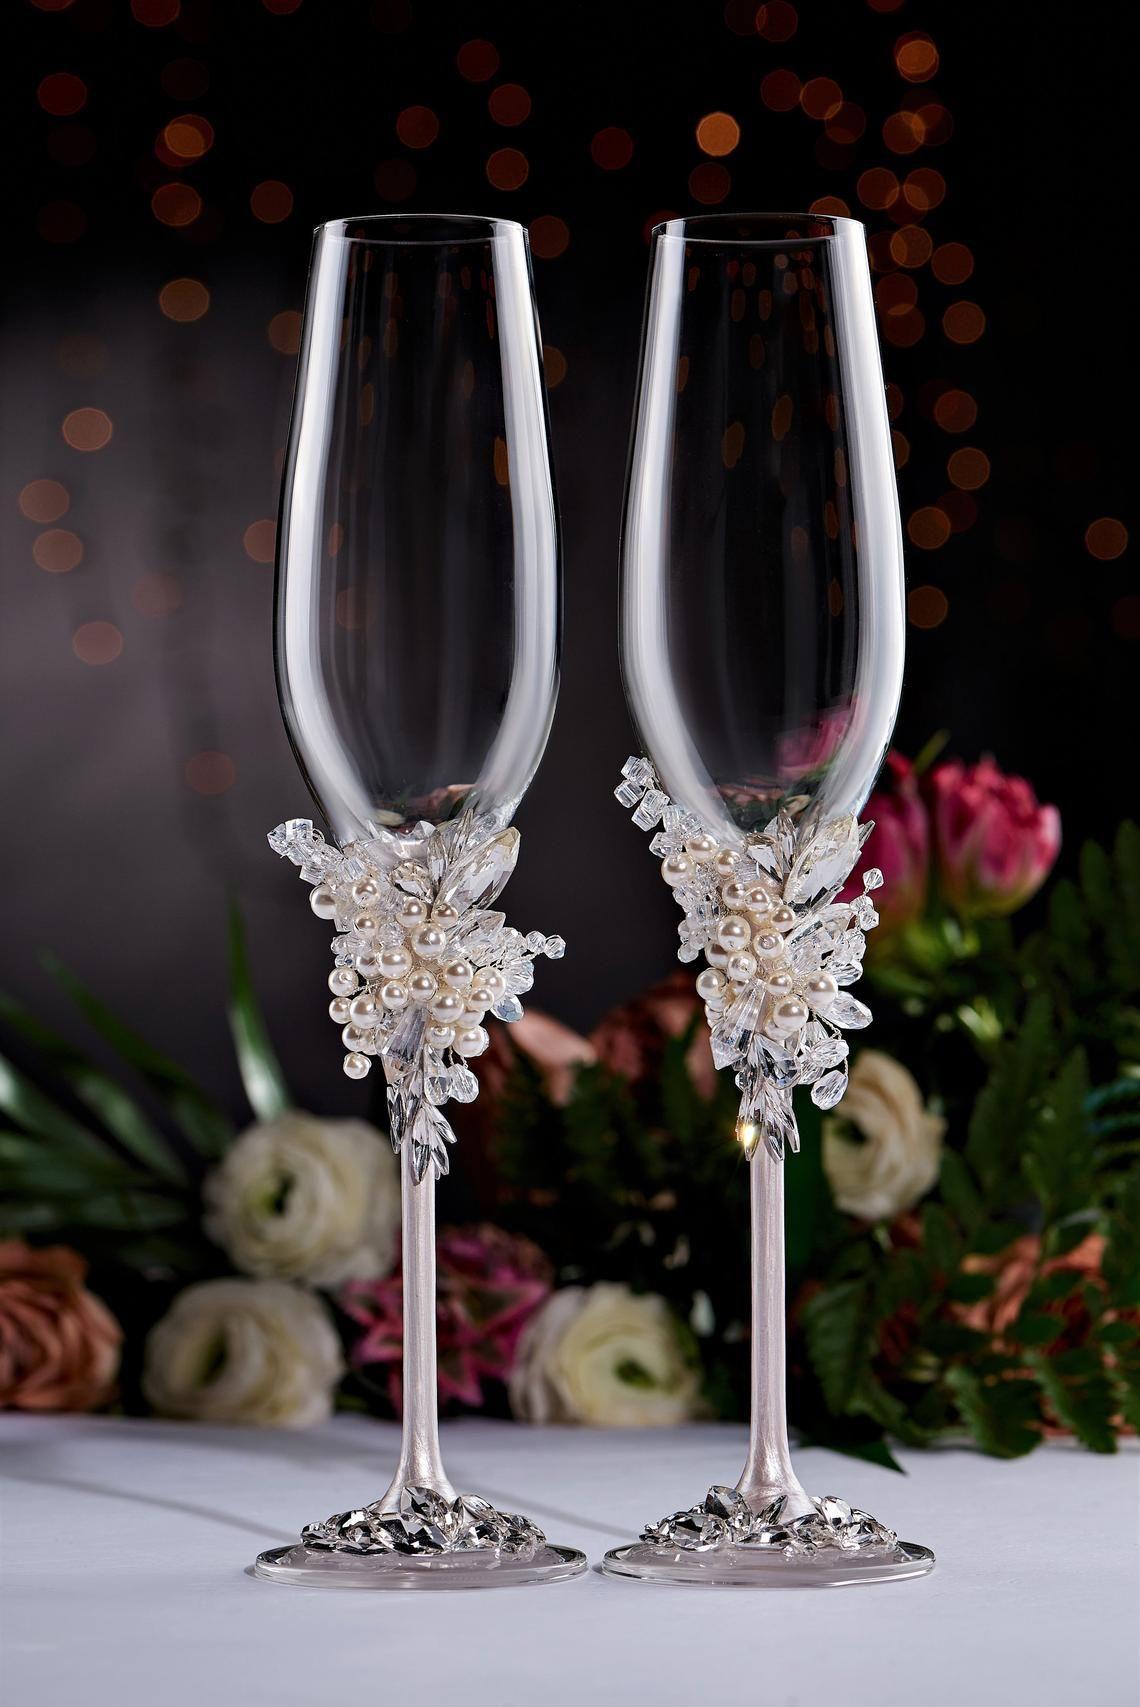 Personalized Wedding Glasses Wedding Glasses Toasting Flutes Etsy Wedding Champagne Glasses Wedding Glasses Wedding Wine Glasses